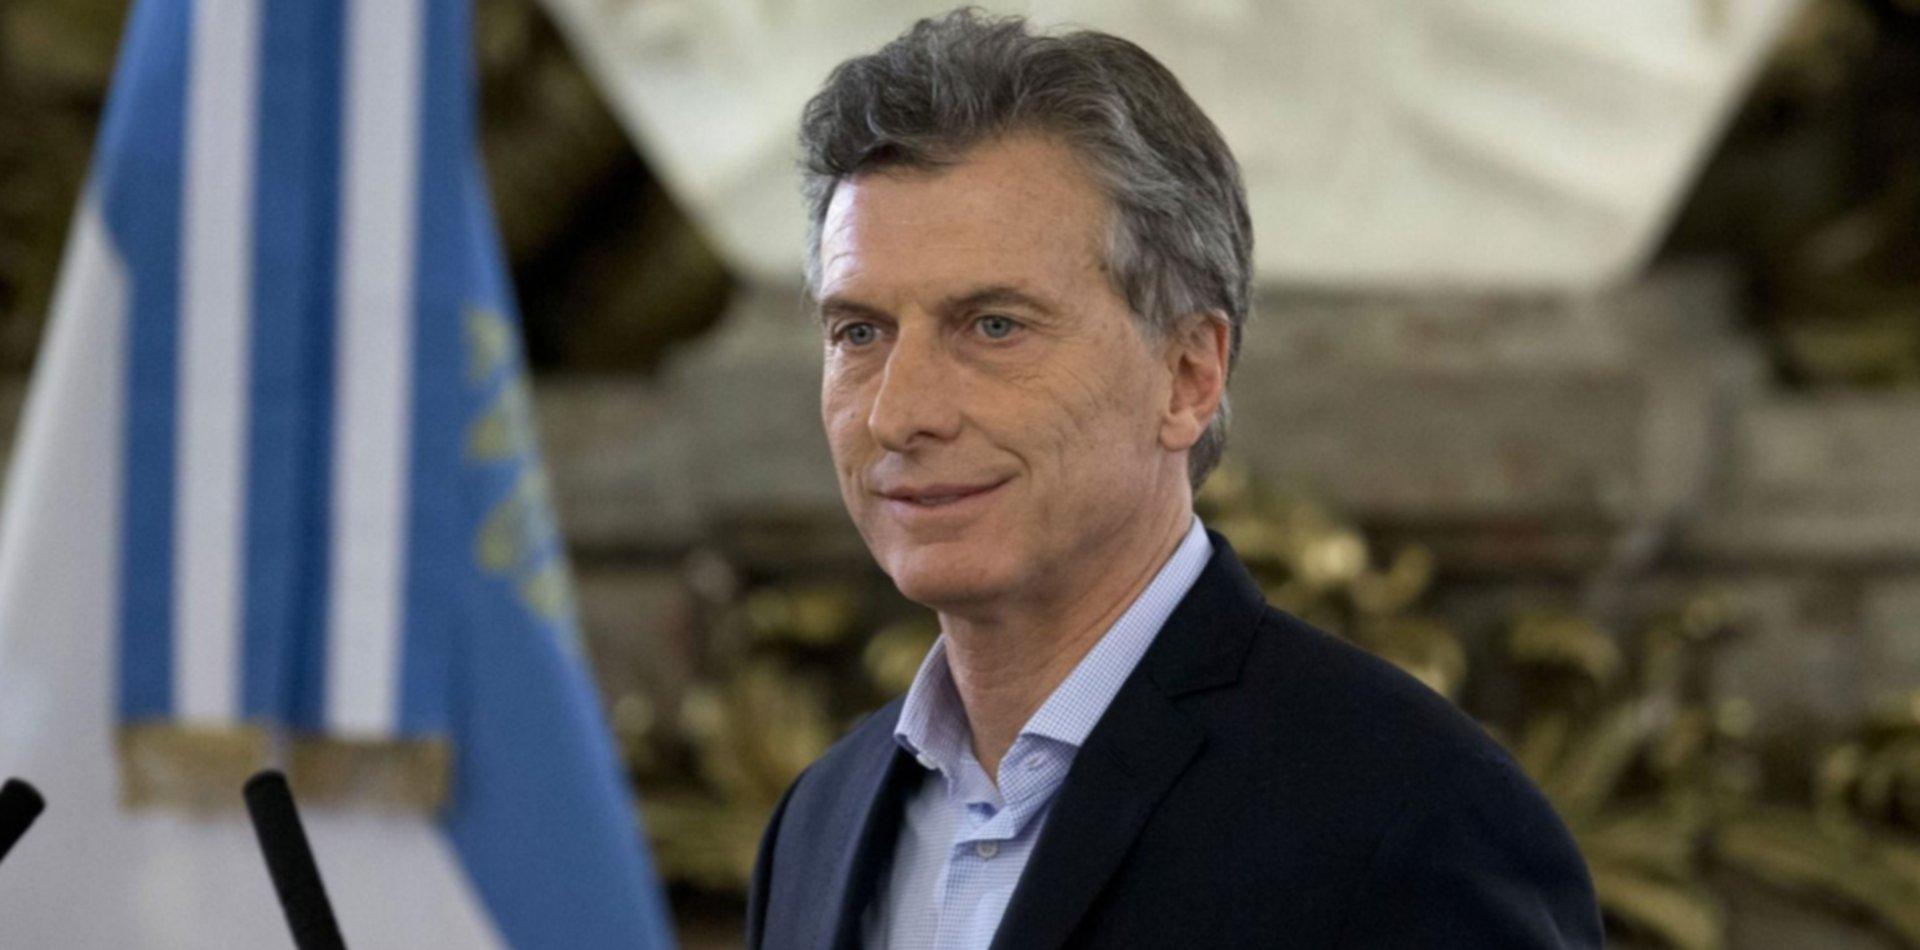 Precios congelados, tarifas fijas, créditos y beneficios sociales: las medidas de Macri